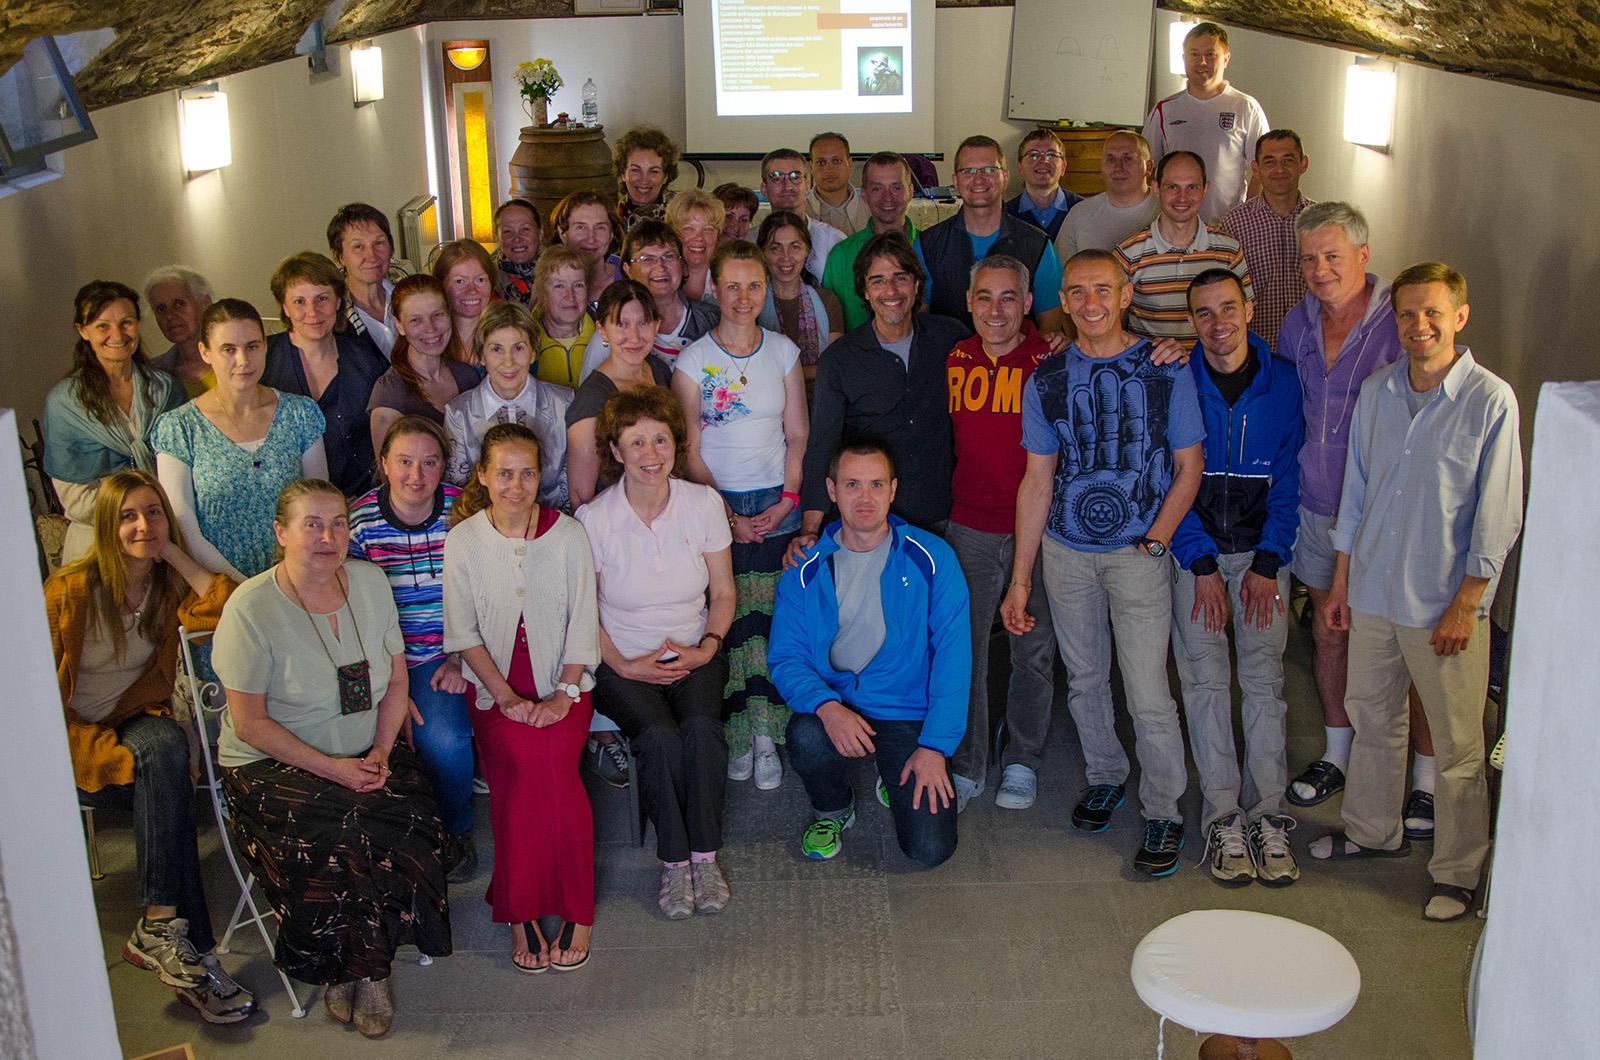 Foto di gruppo: al centro, Andrea Amato